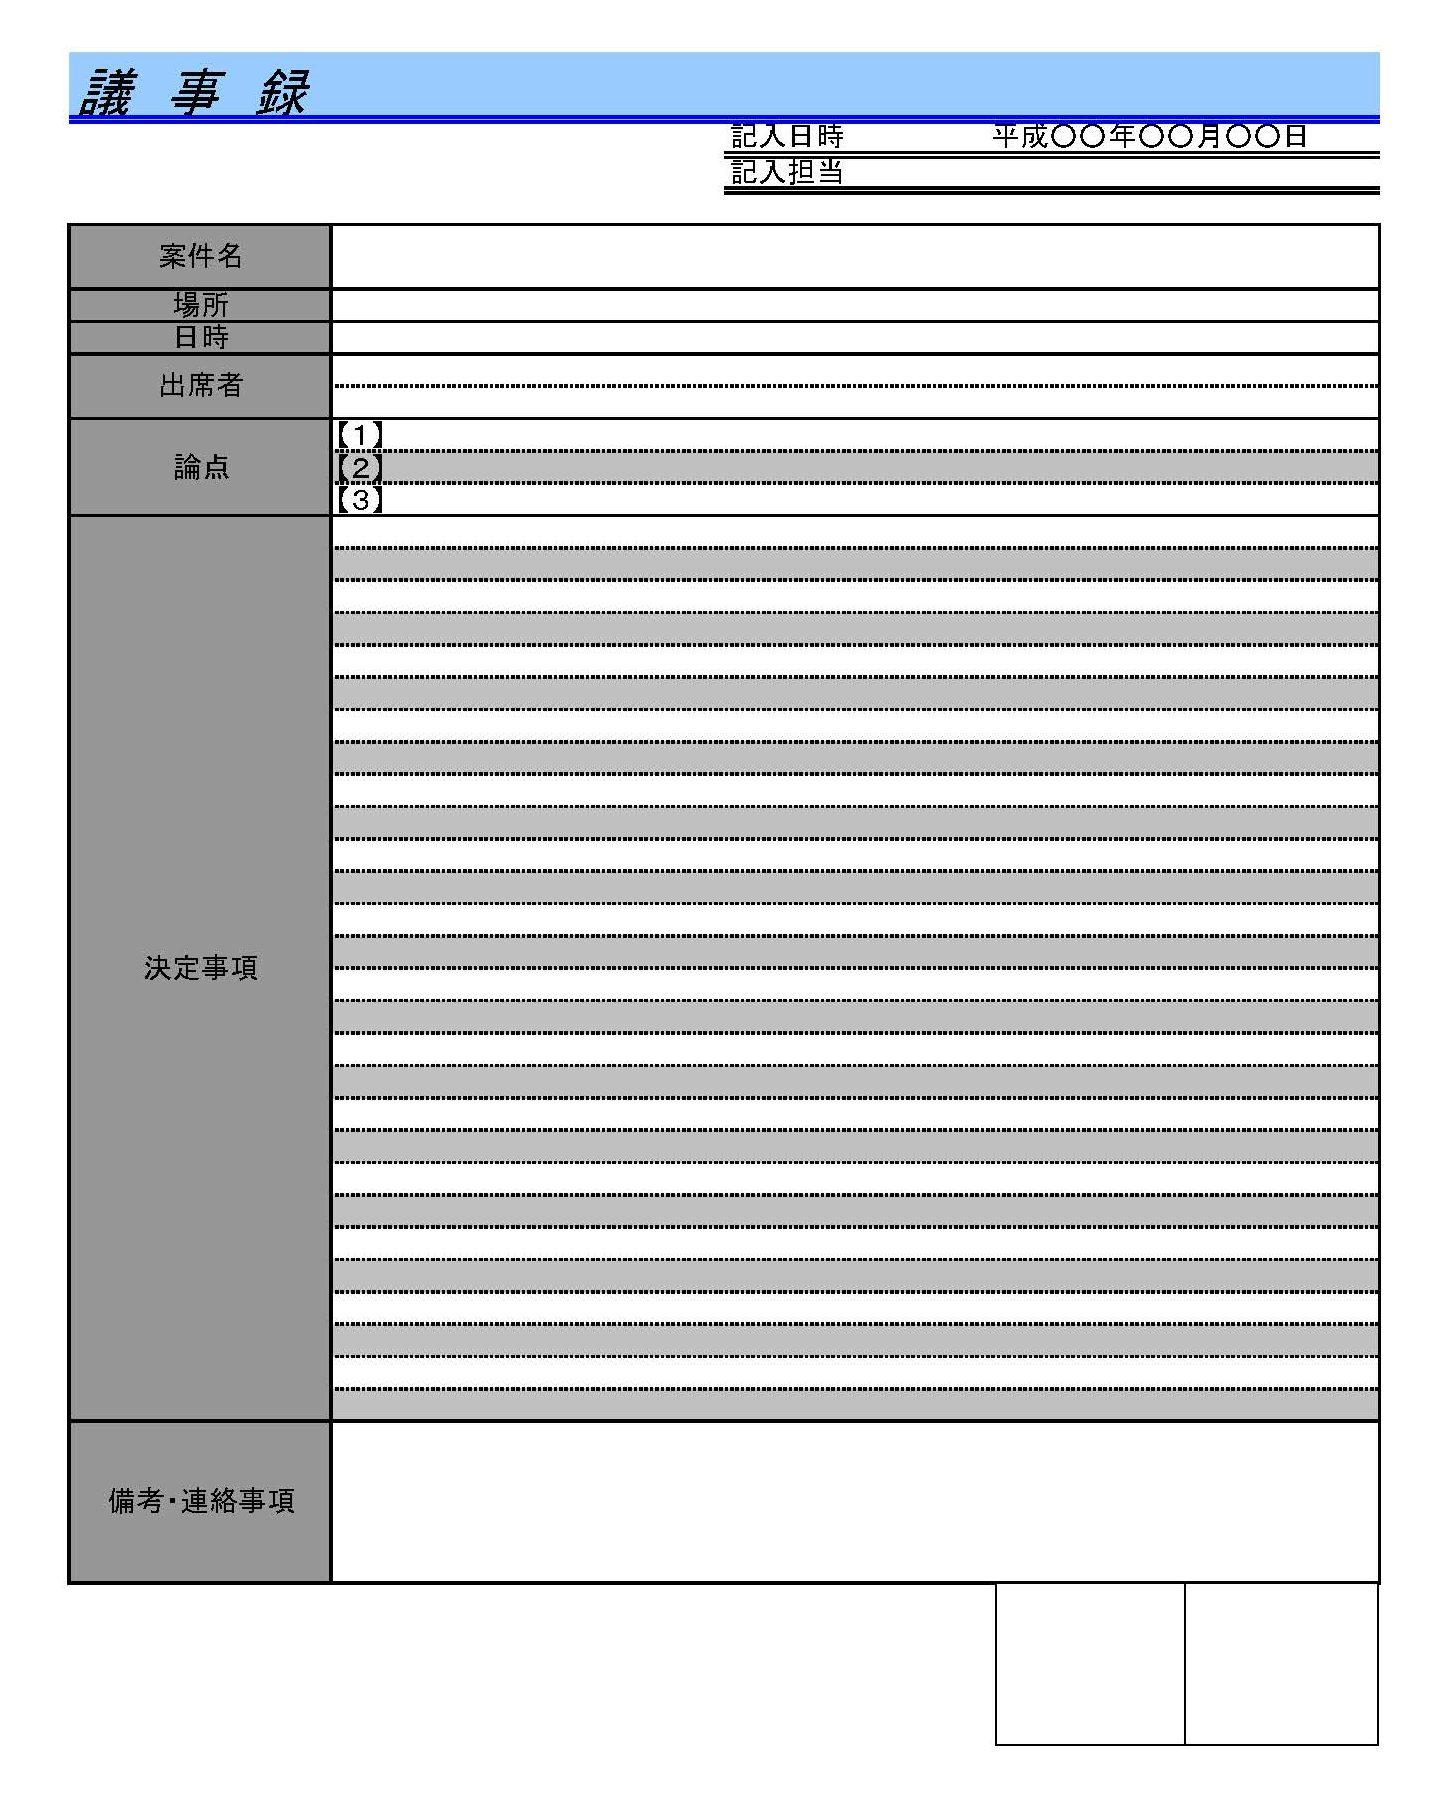 会員登録不要で無料でダウンロードできる議事録3のテンプレート書式